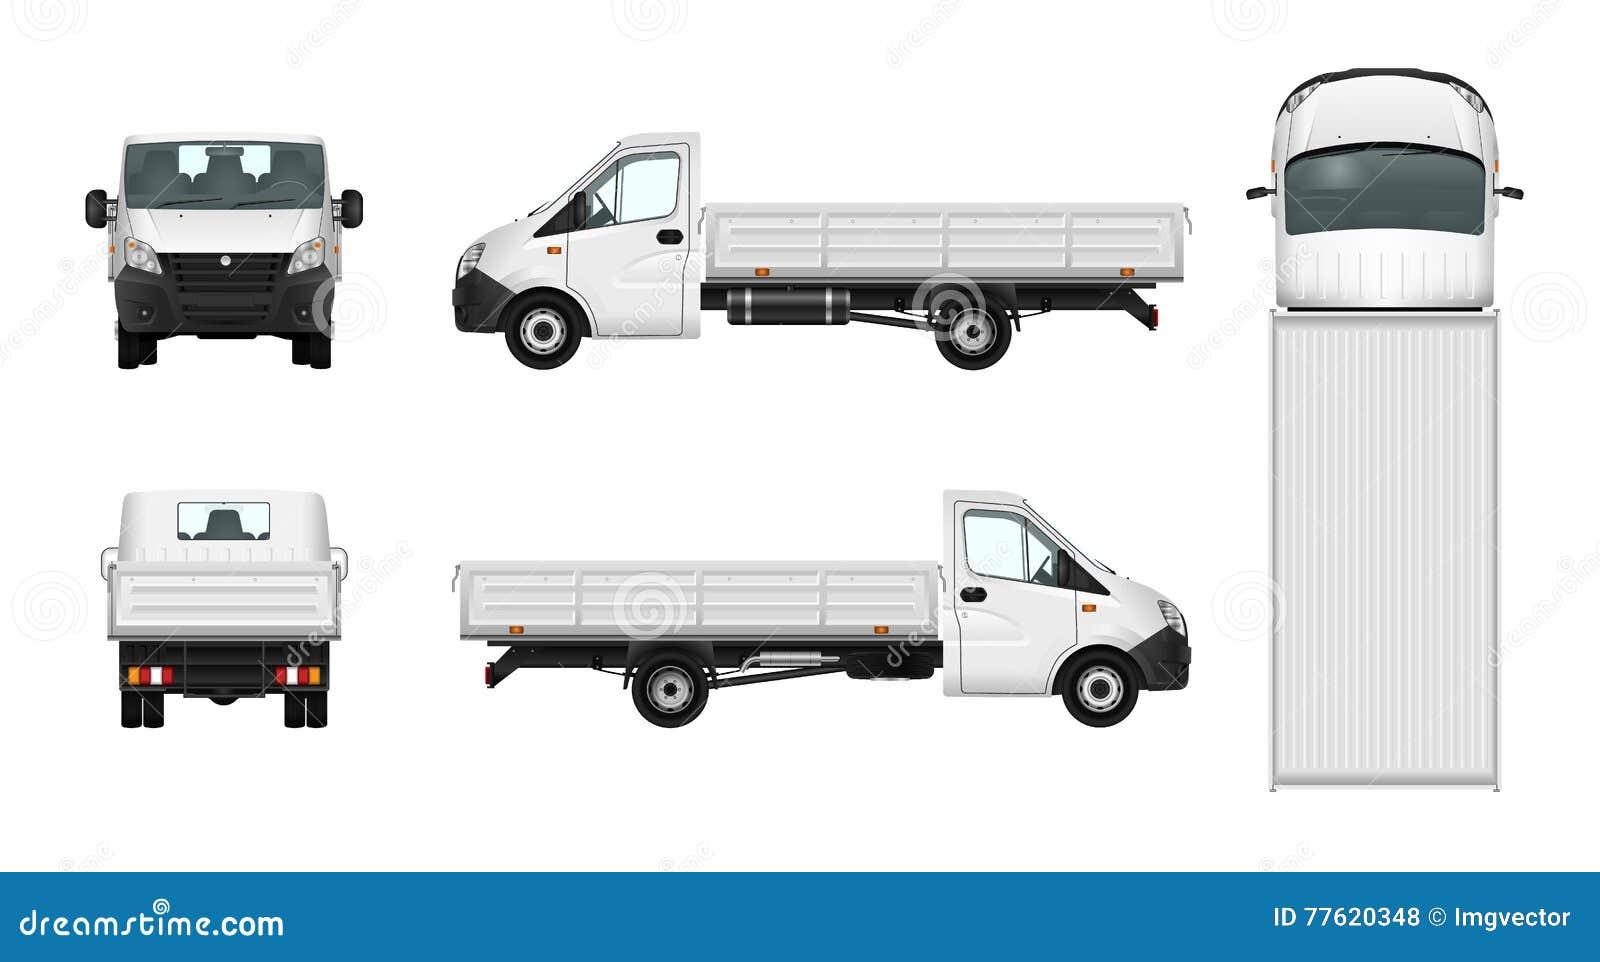 Ejemplo De La Camioneta Pickup Plantilla Del Coche Del Cargo De La ...